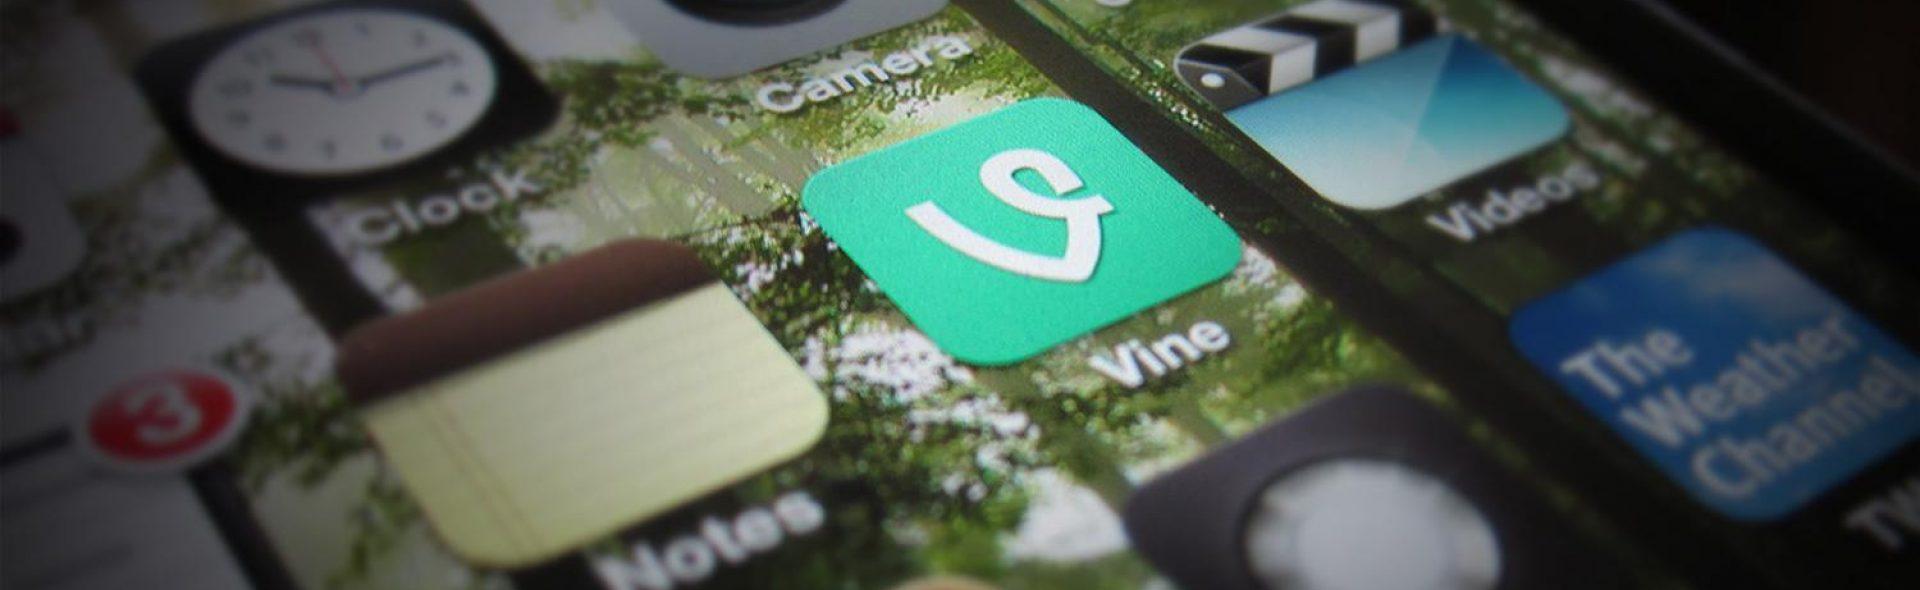 PR kan je op verschillende manieren inzetten. Social media, kranten, je eigen website: het zijn allemaal middelen om te communiceren met je doelgroep.